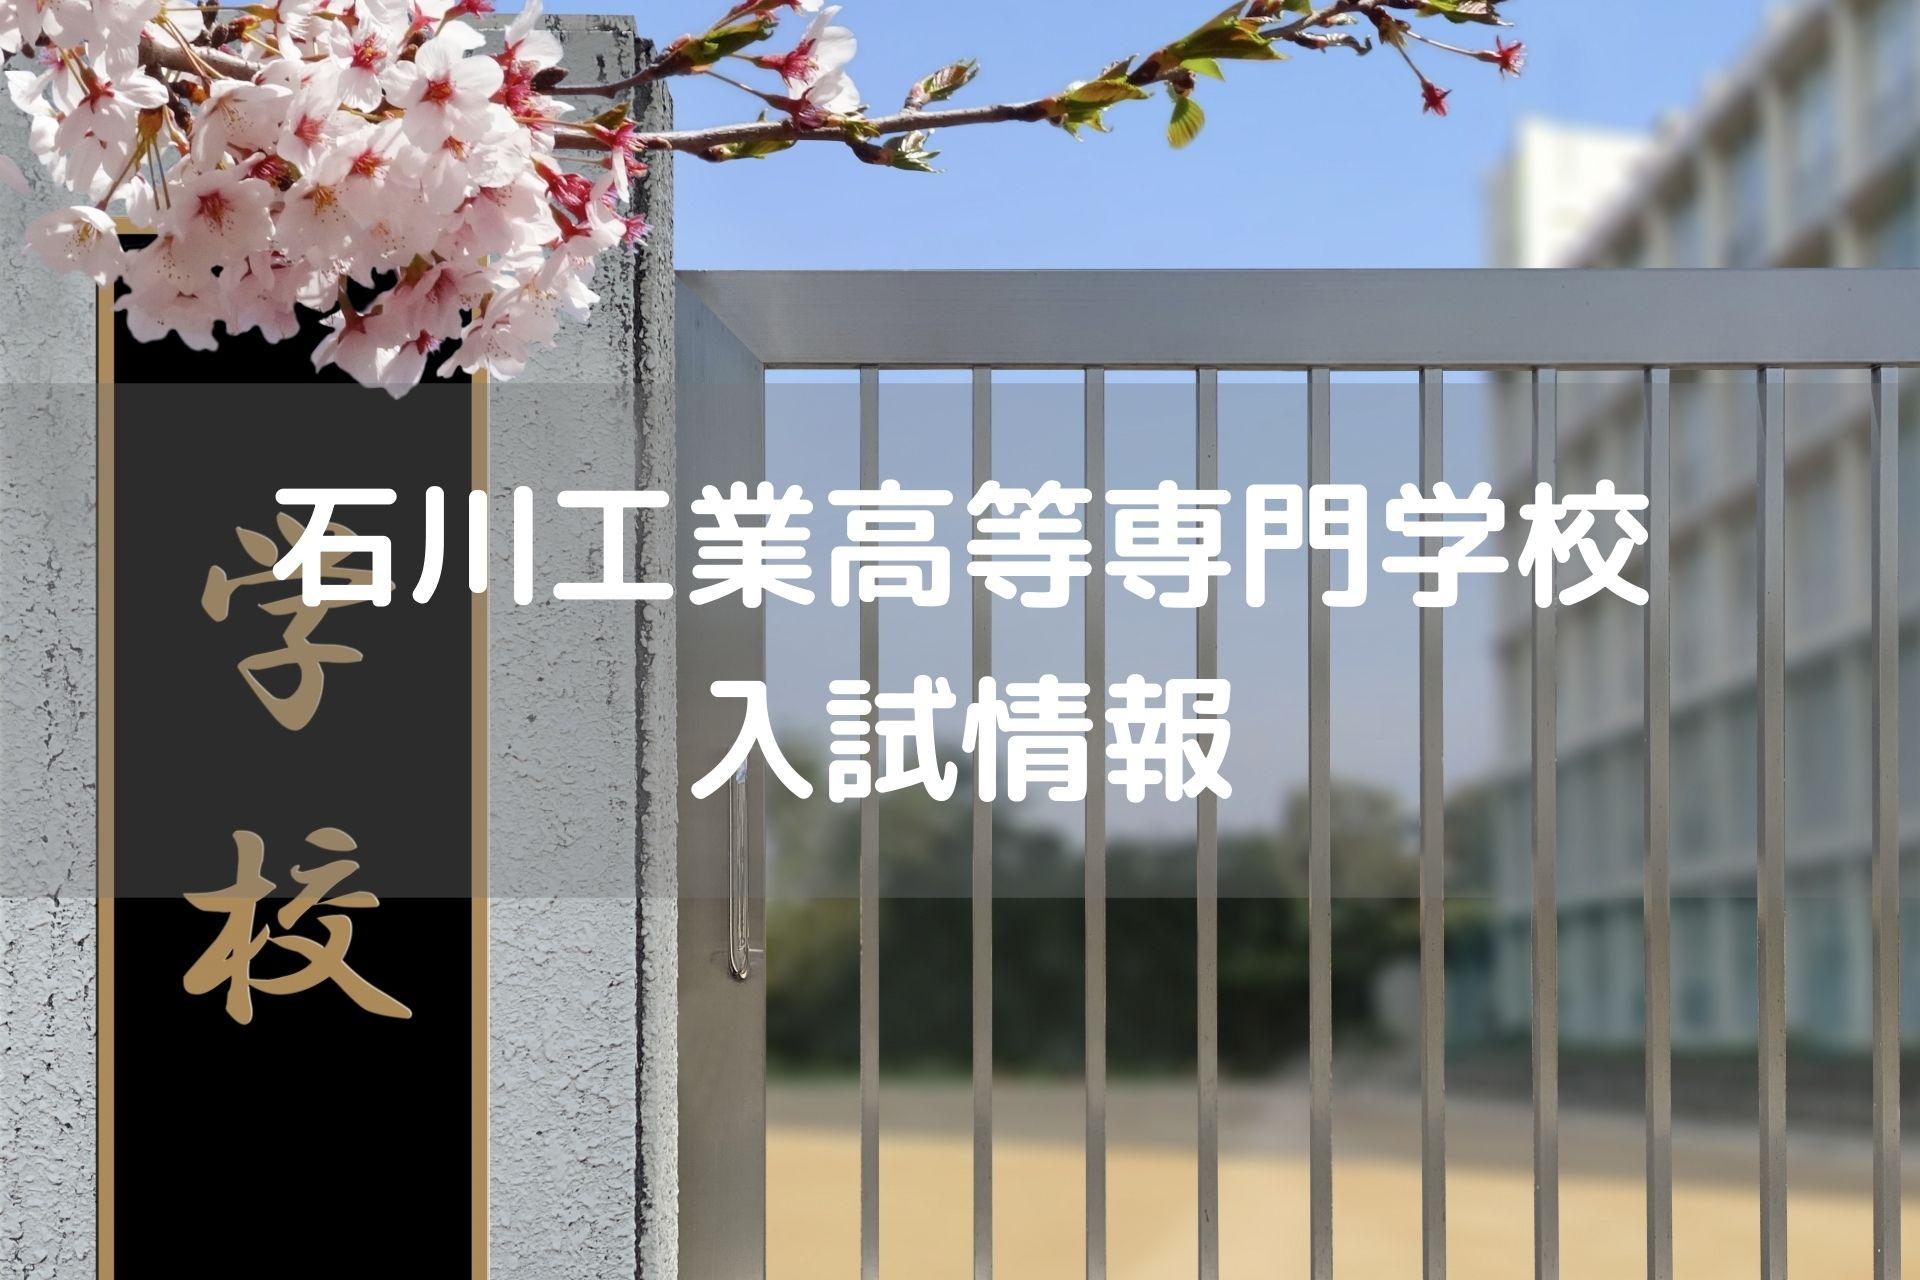 石川高専の入試情報